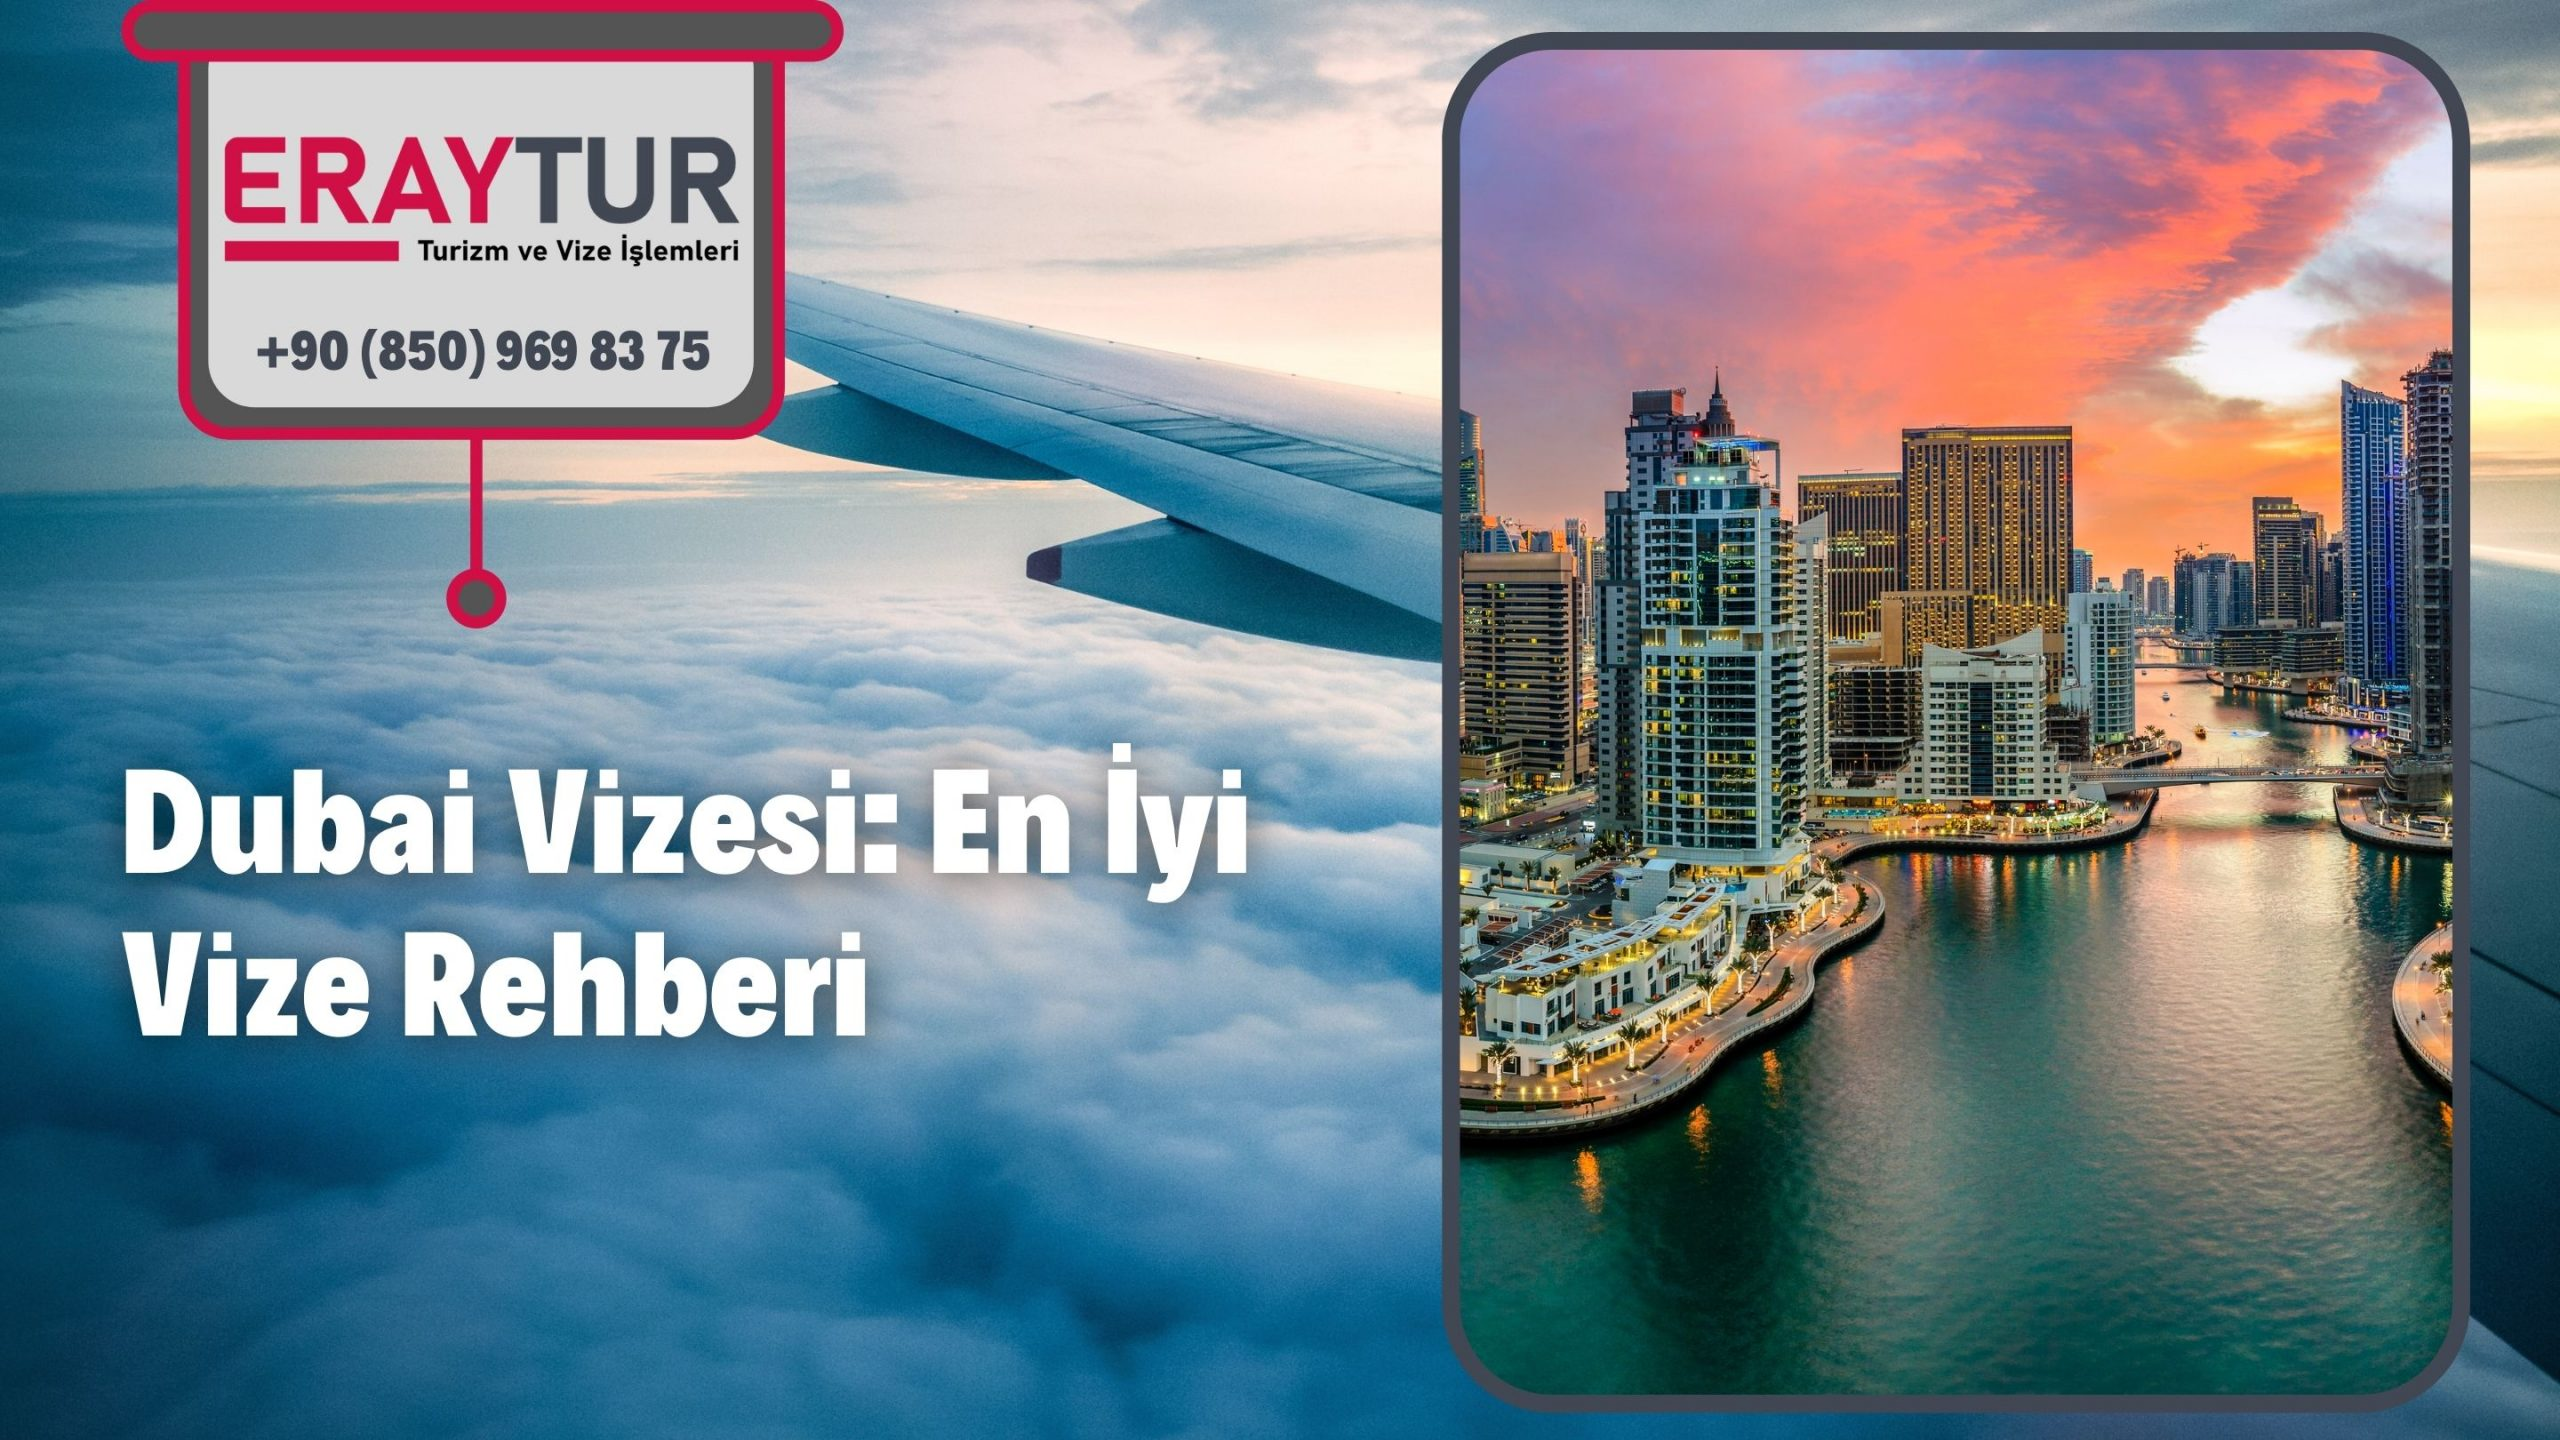 Dubai Vizesi: En İyi Vize Rehberi 2021